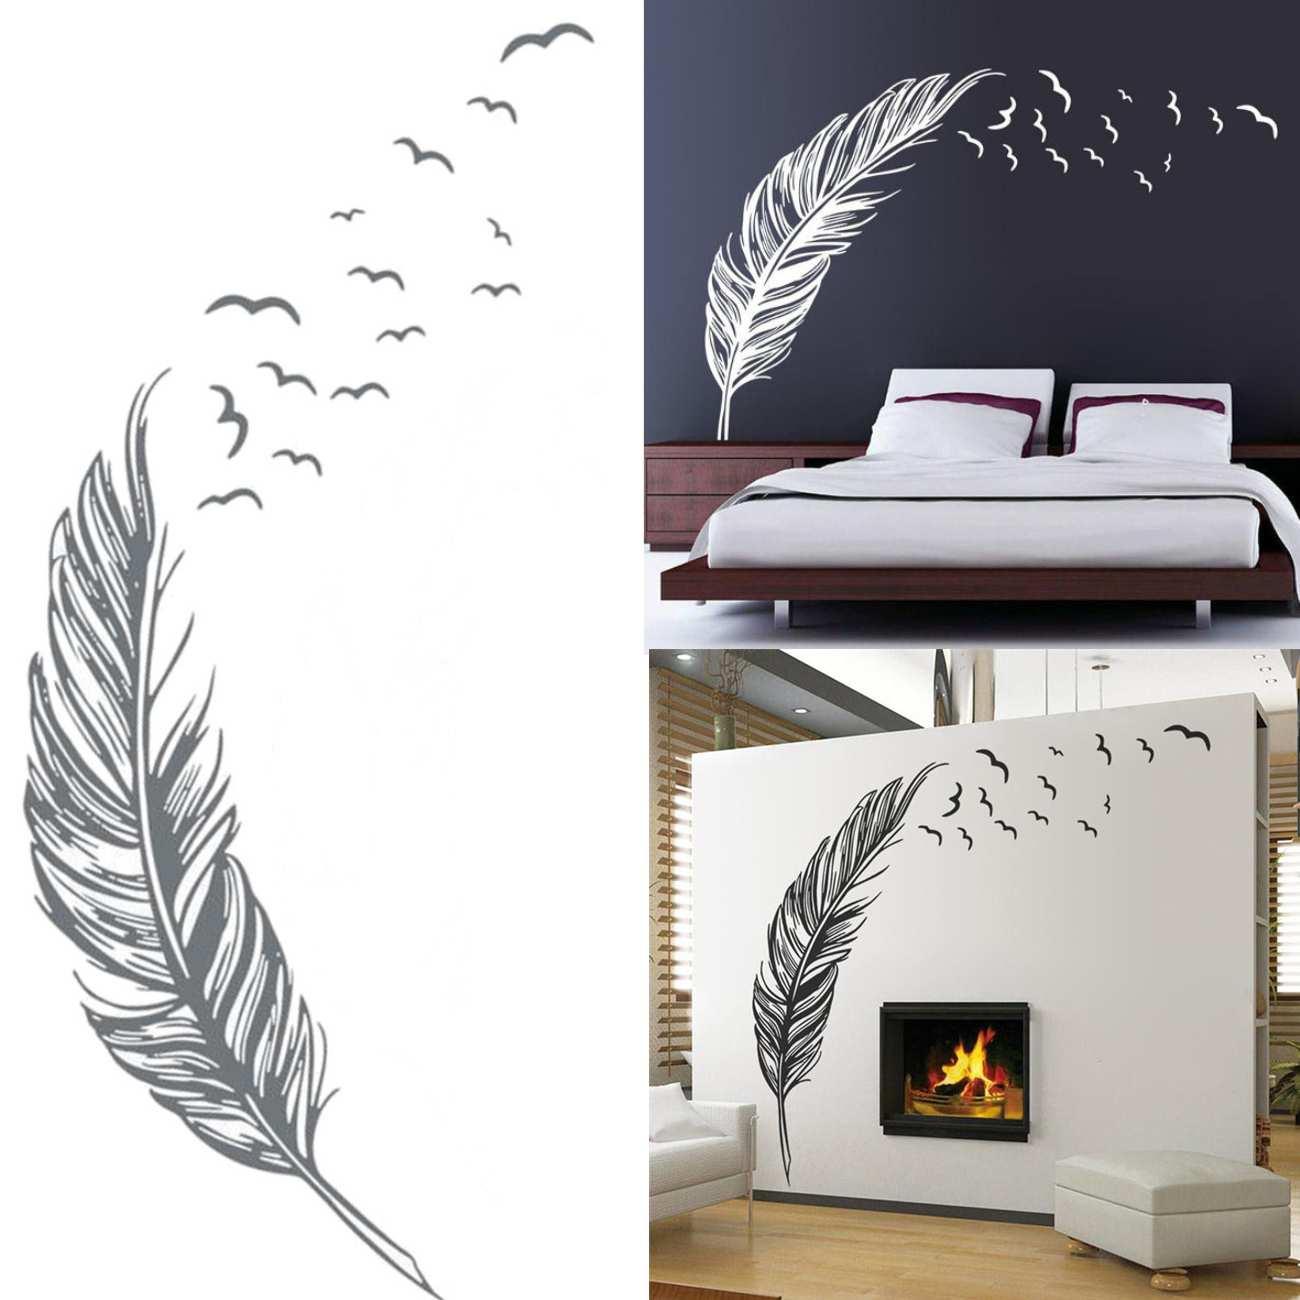 180x120cm noir blanc gris plumes capteur de rêves Stickers muraux pour chambre décor à la maison bricolage indien Style Mural Art PVC décalcomanies